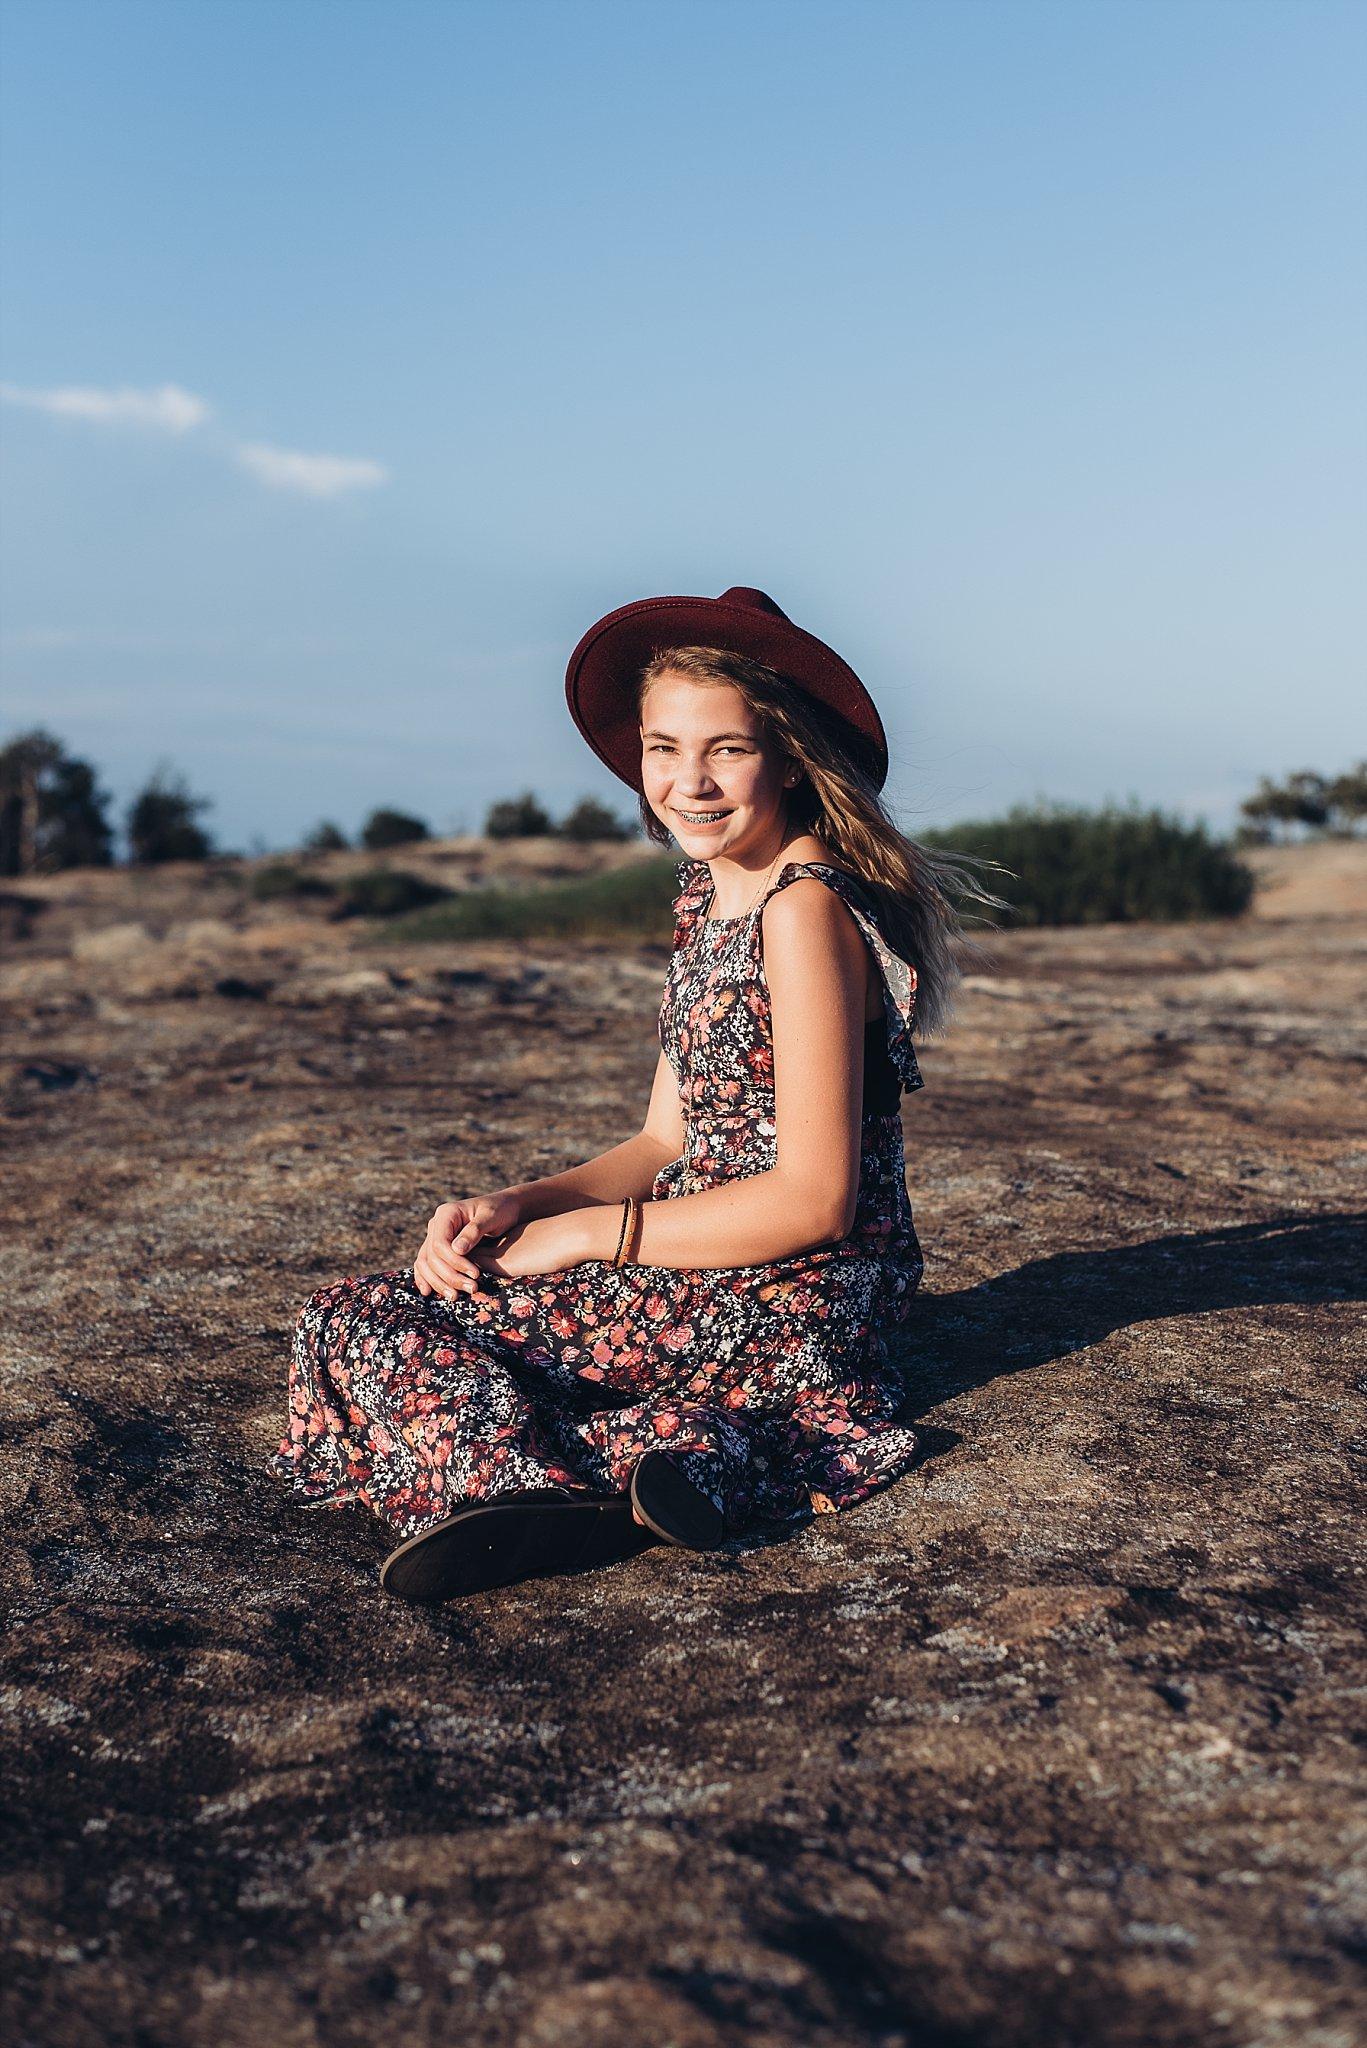 Girl wearing red hat sitting at Arabia Mountain Atlanta